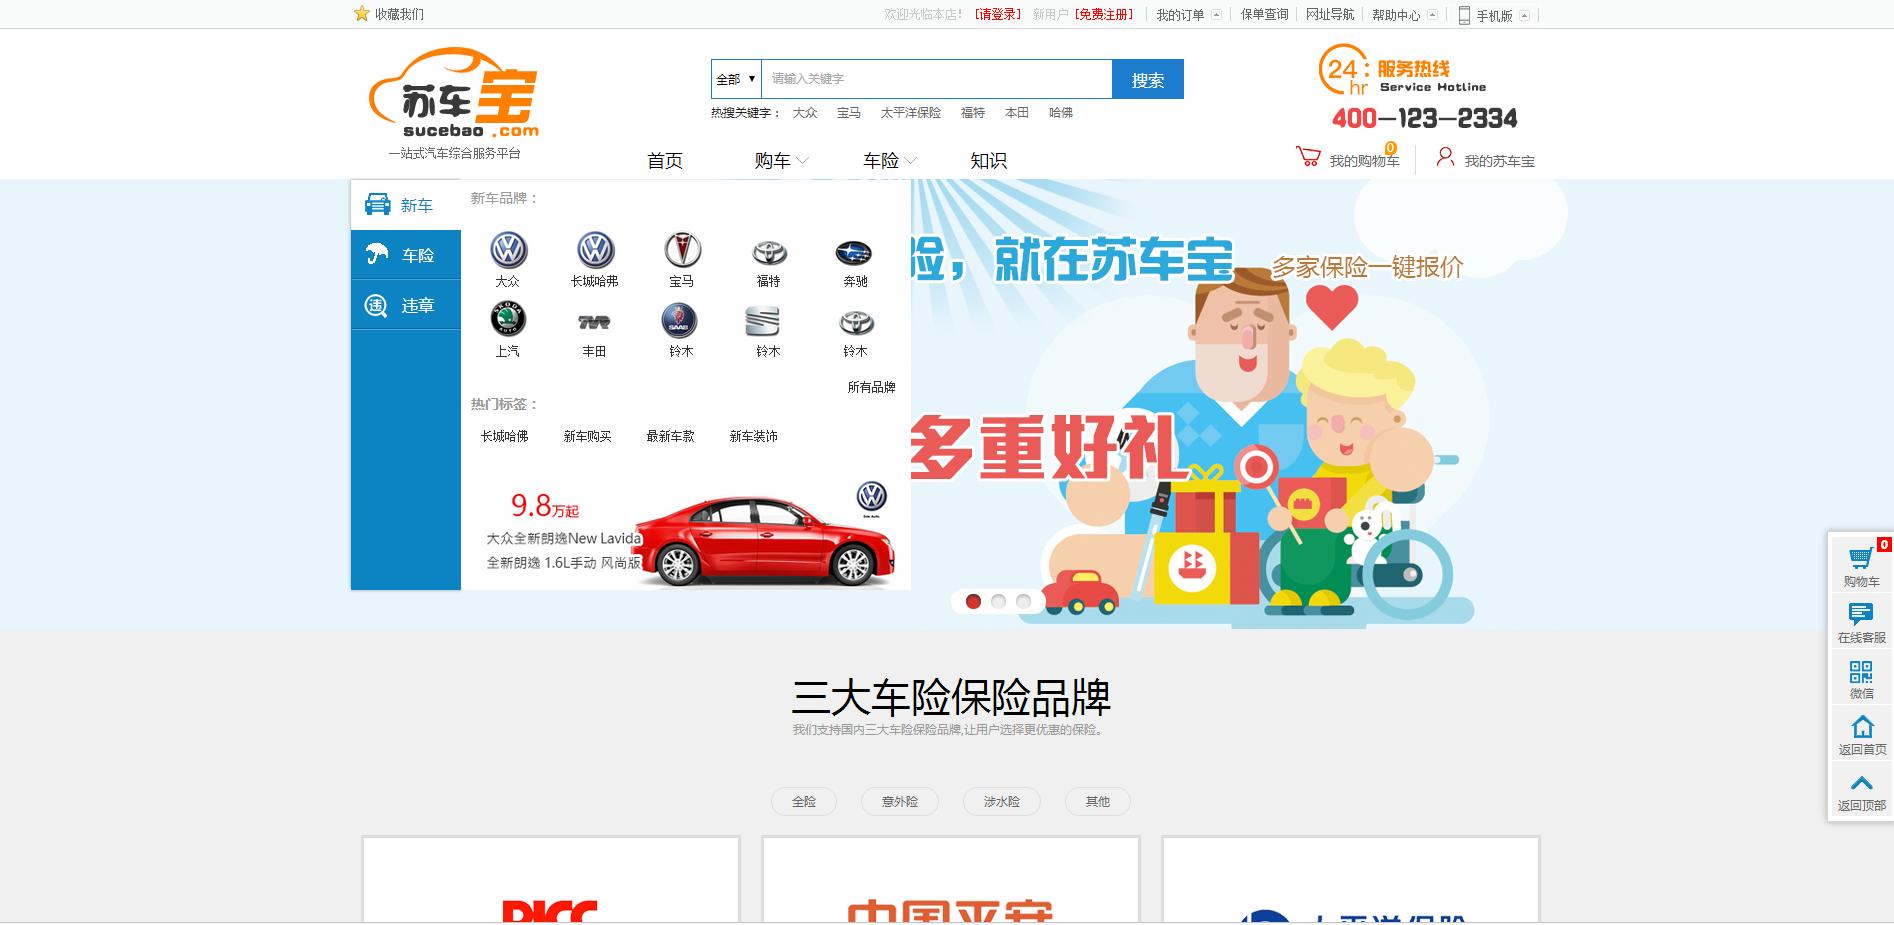 汽车保险销售服务网上商城网站模板全套下载